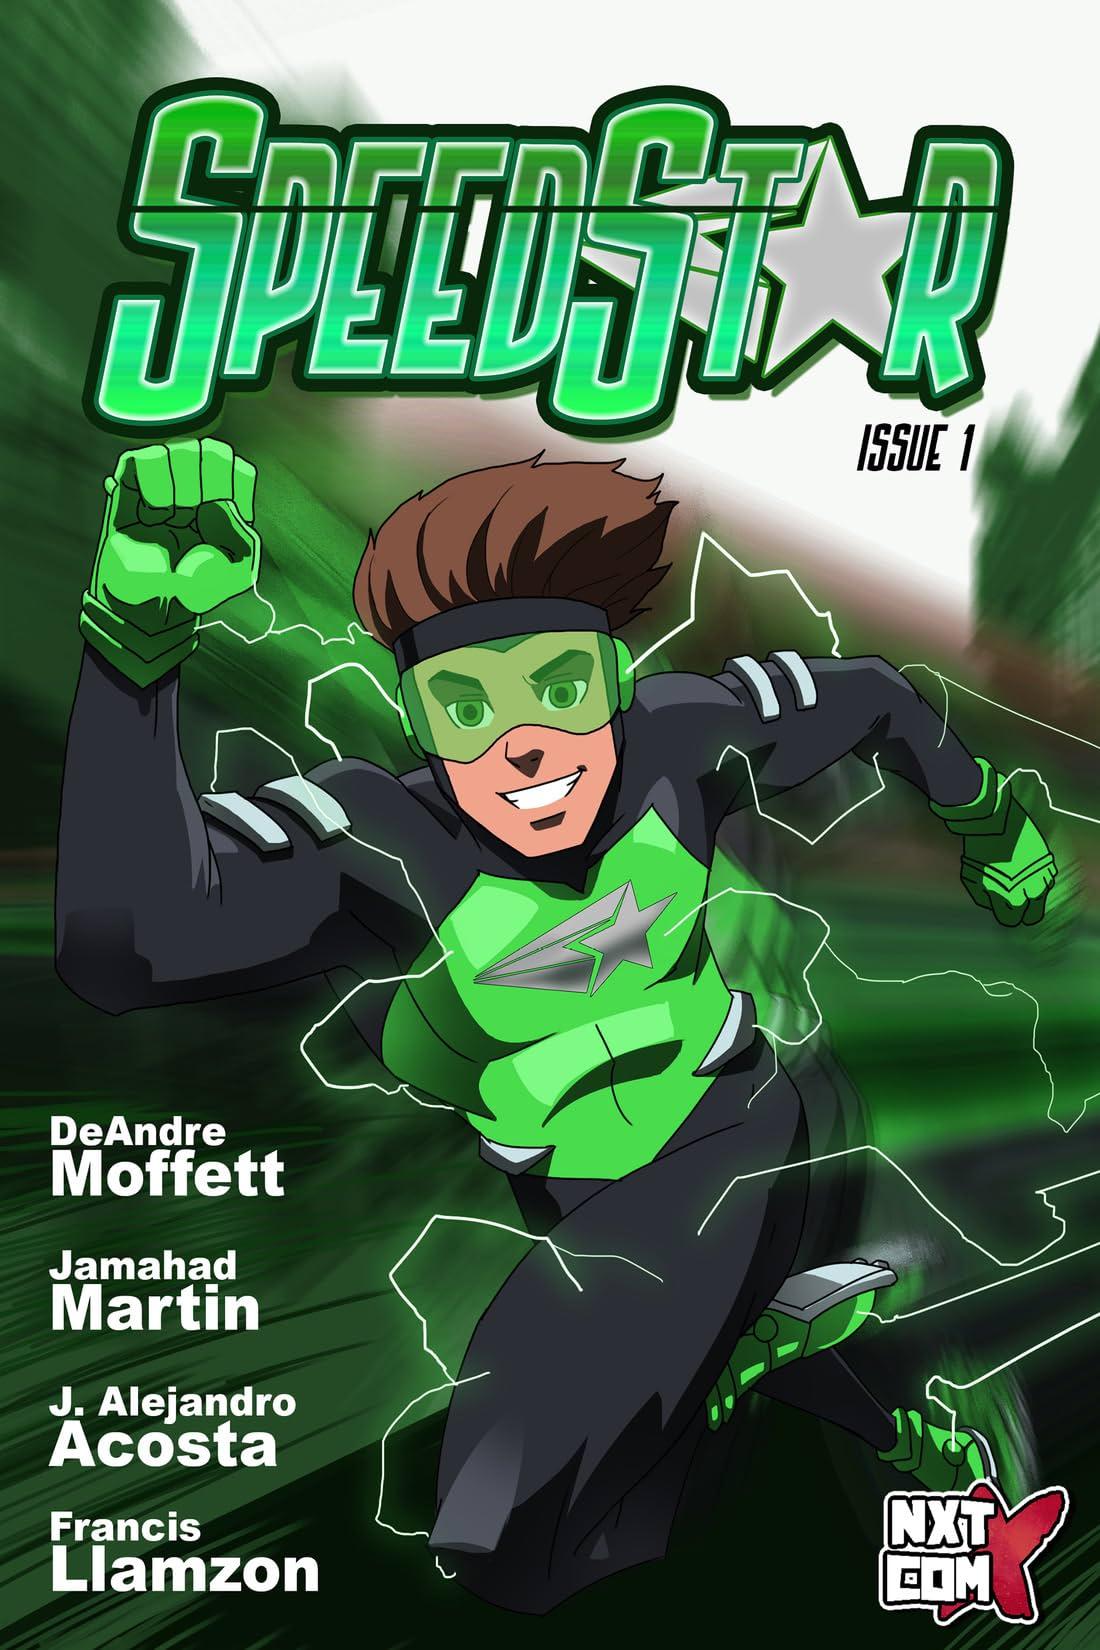 SpeedStar #1